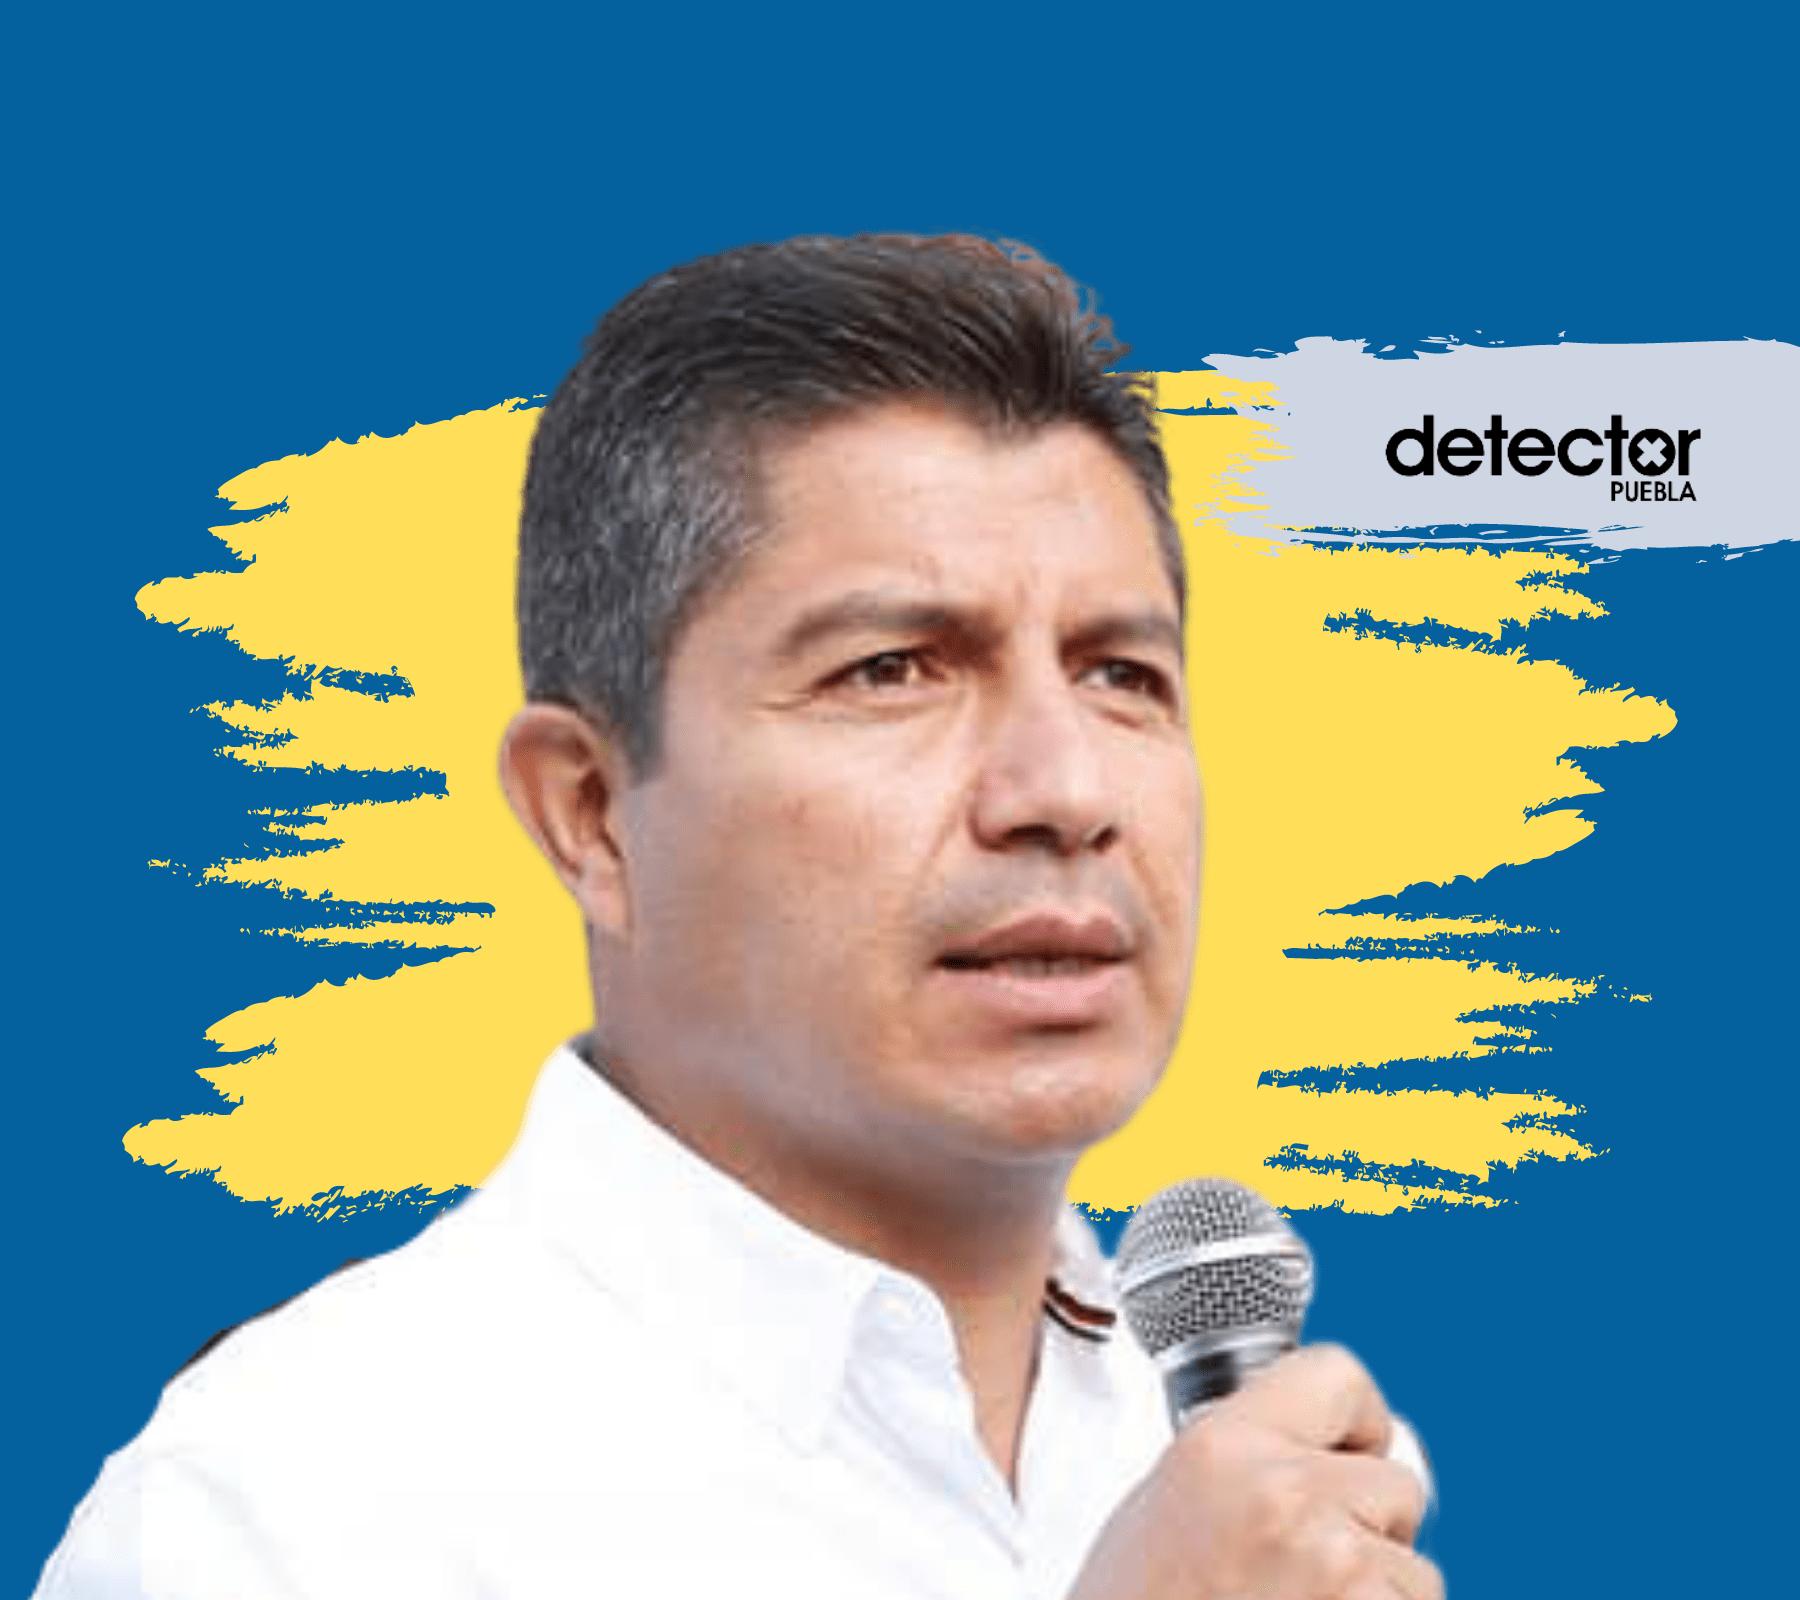 Detector Puebla Eduardo Rivera